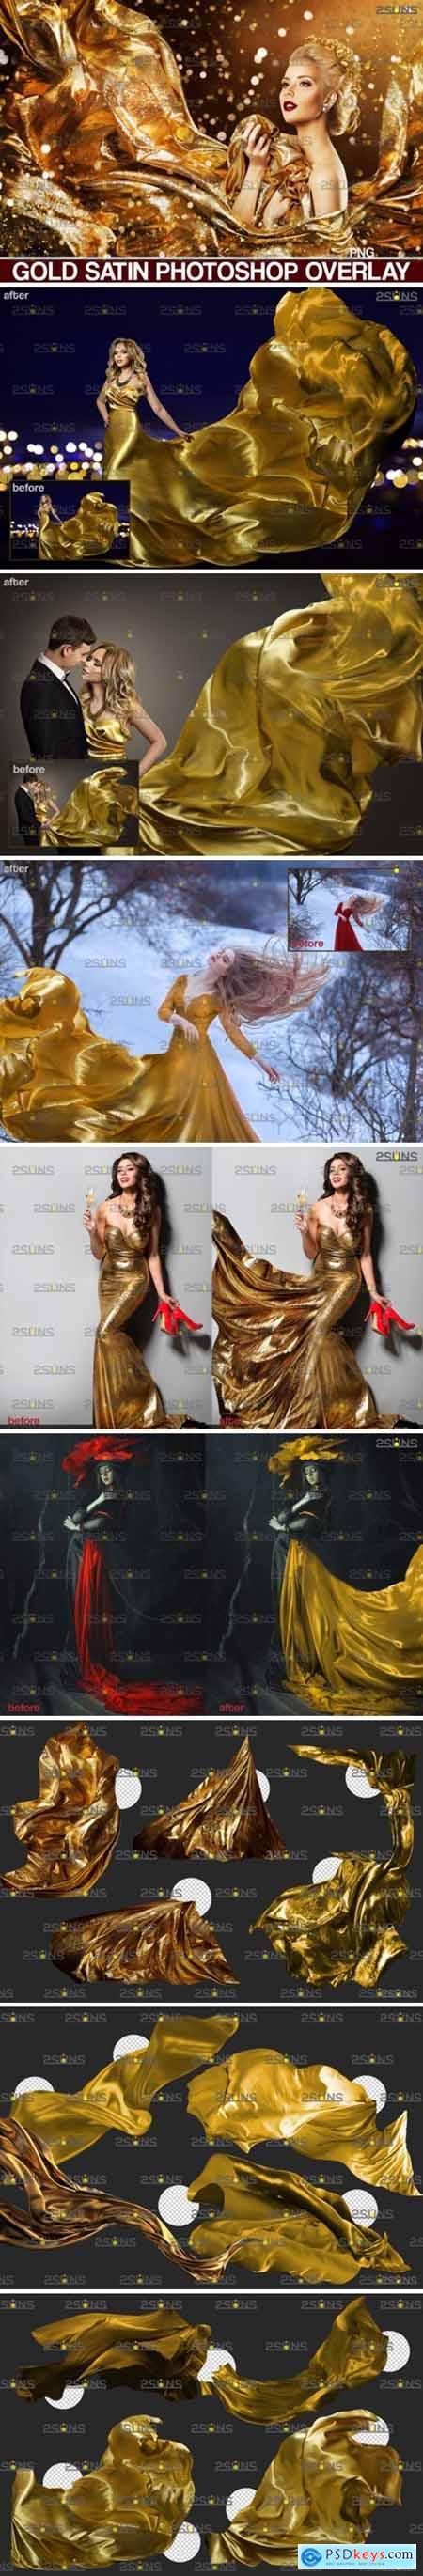 Flying Dress Overlay & Photoshop Overlay 5023552